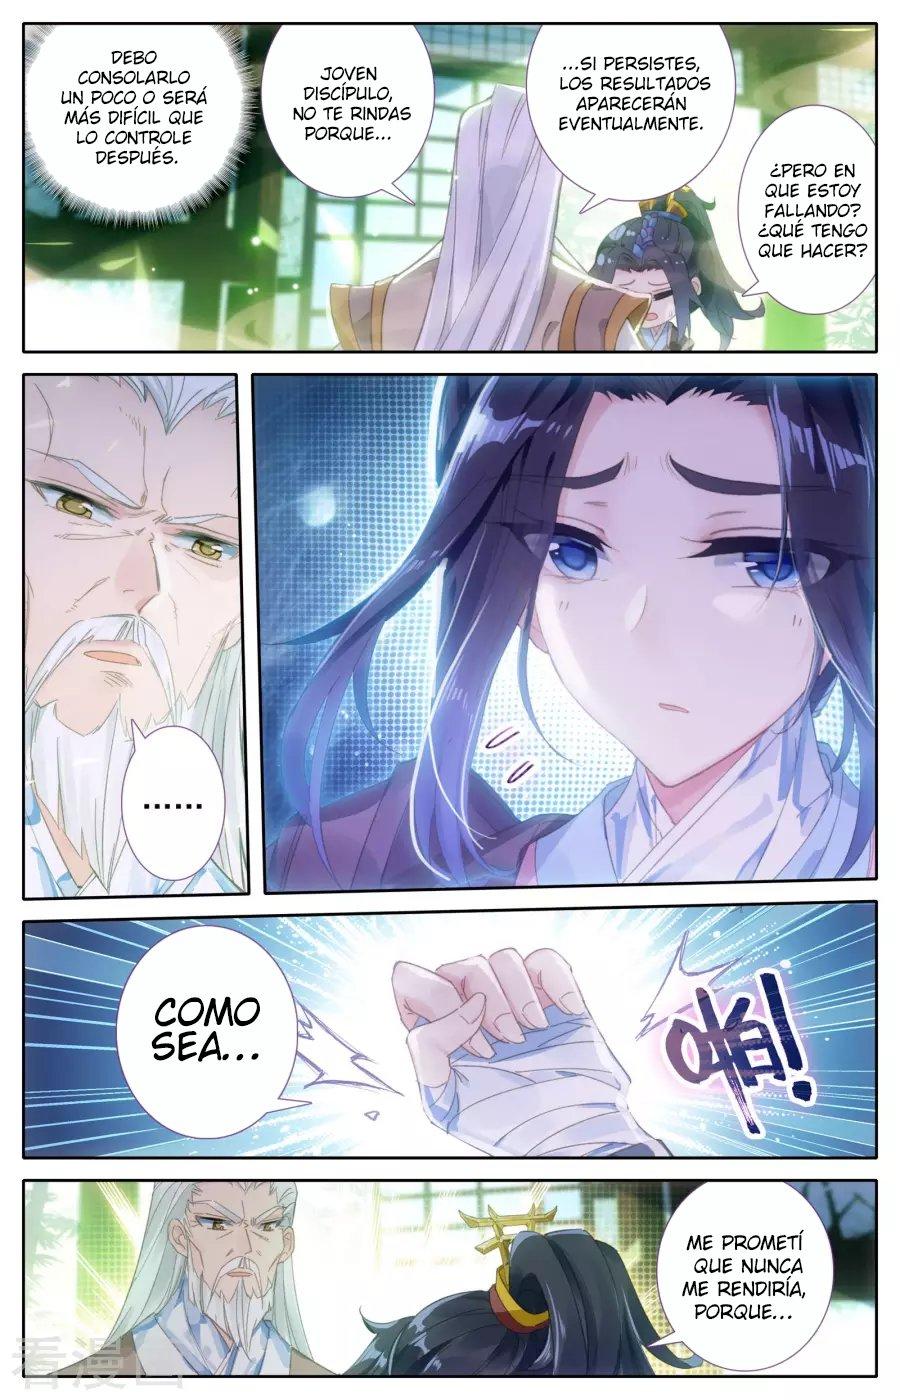 https://c9.mangatag.com/es_manga/pic5/56/27384/731677/58b311abb1f038c7371016670f355608.jpg Page 6